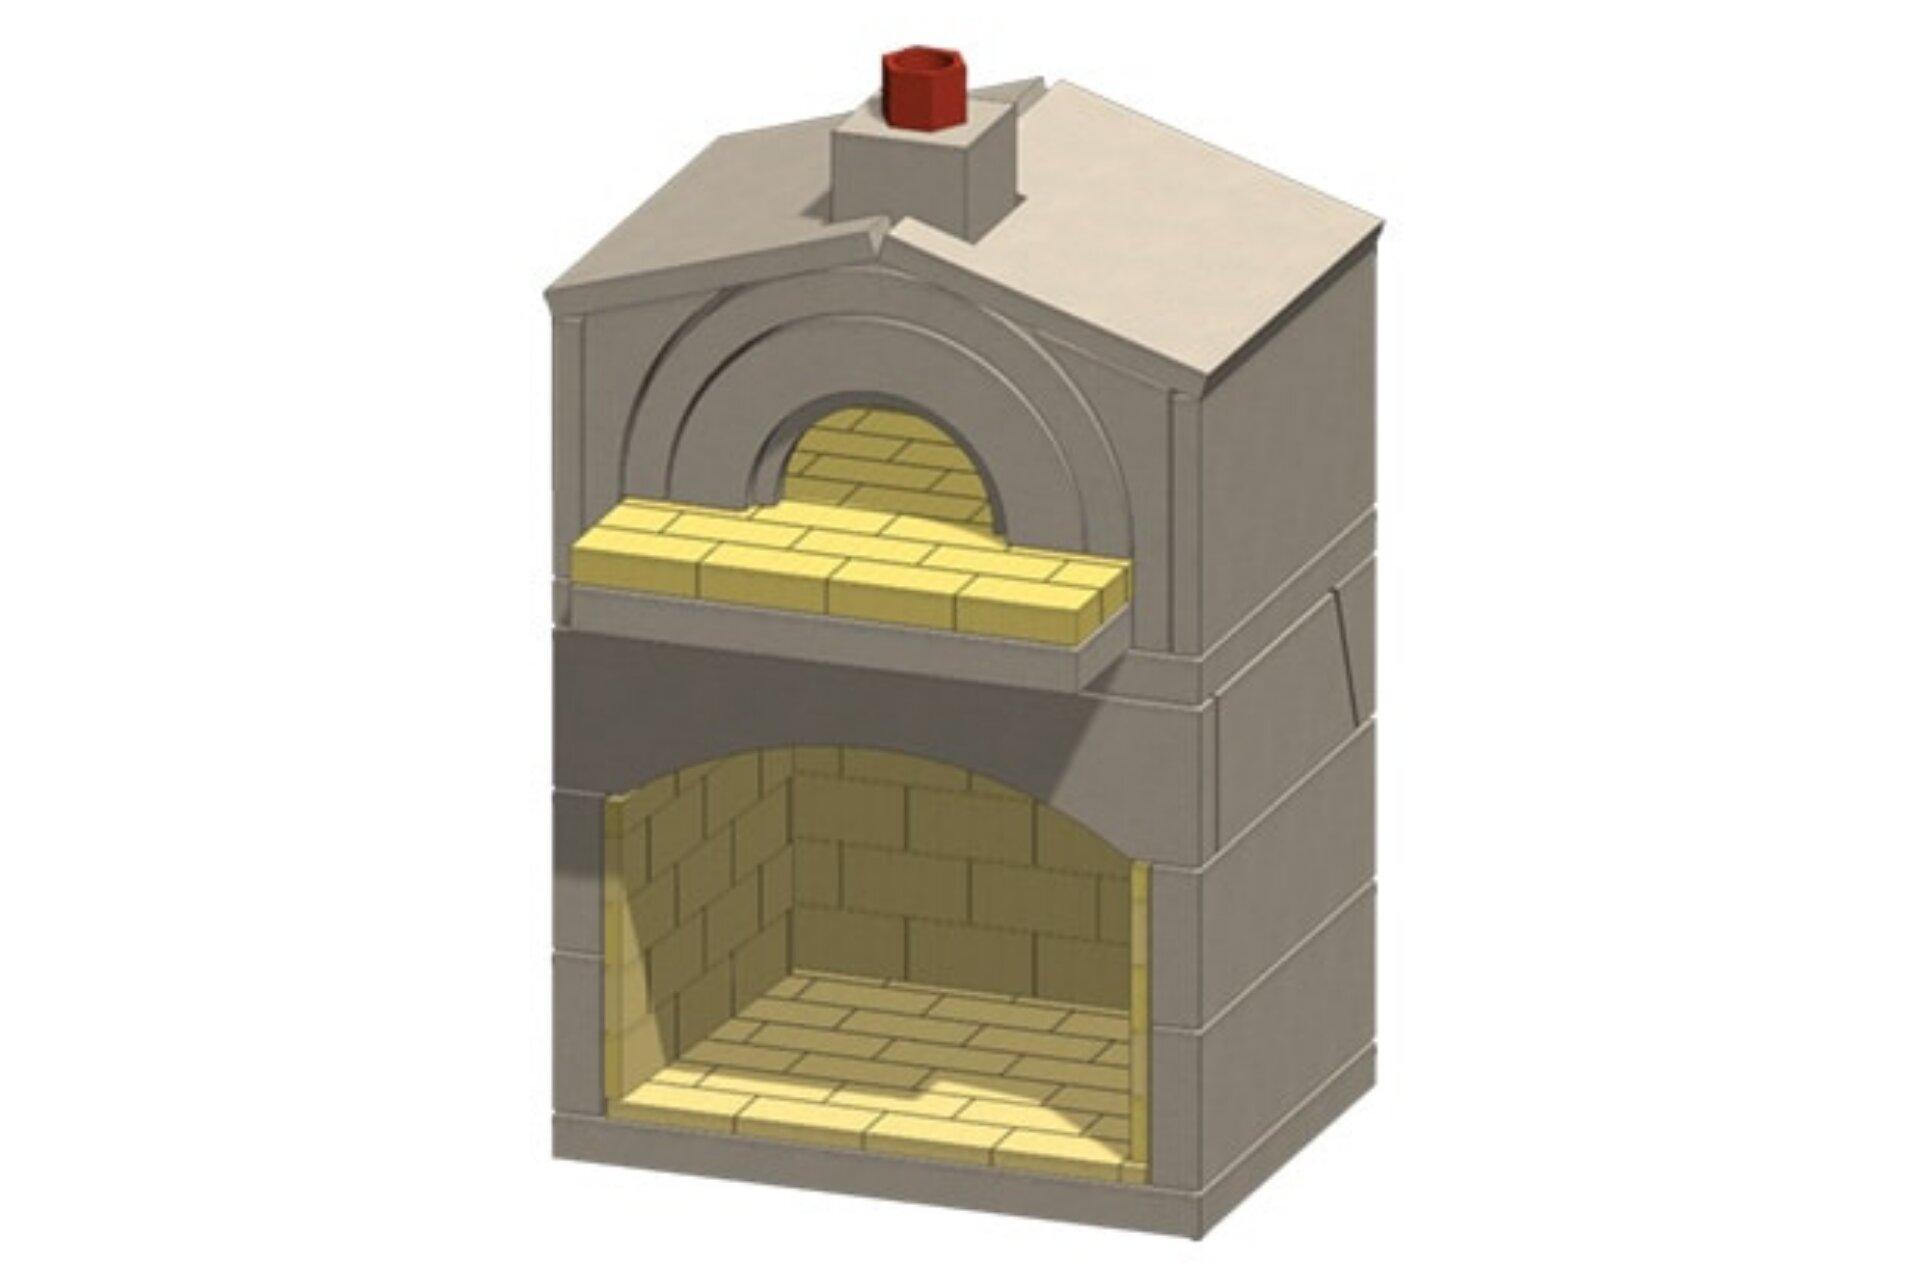 Mezzo Masonry Pizza Oven Fireplace Kit